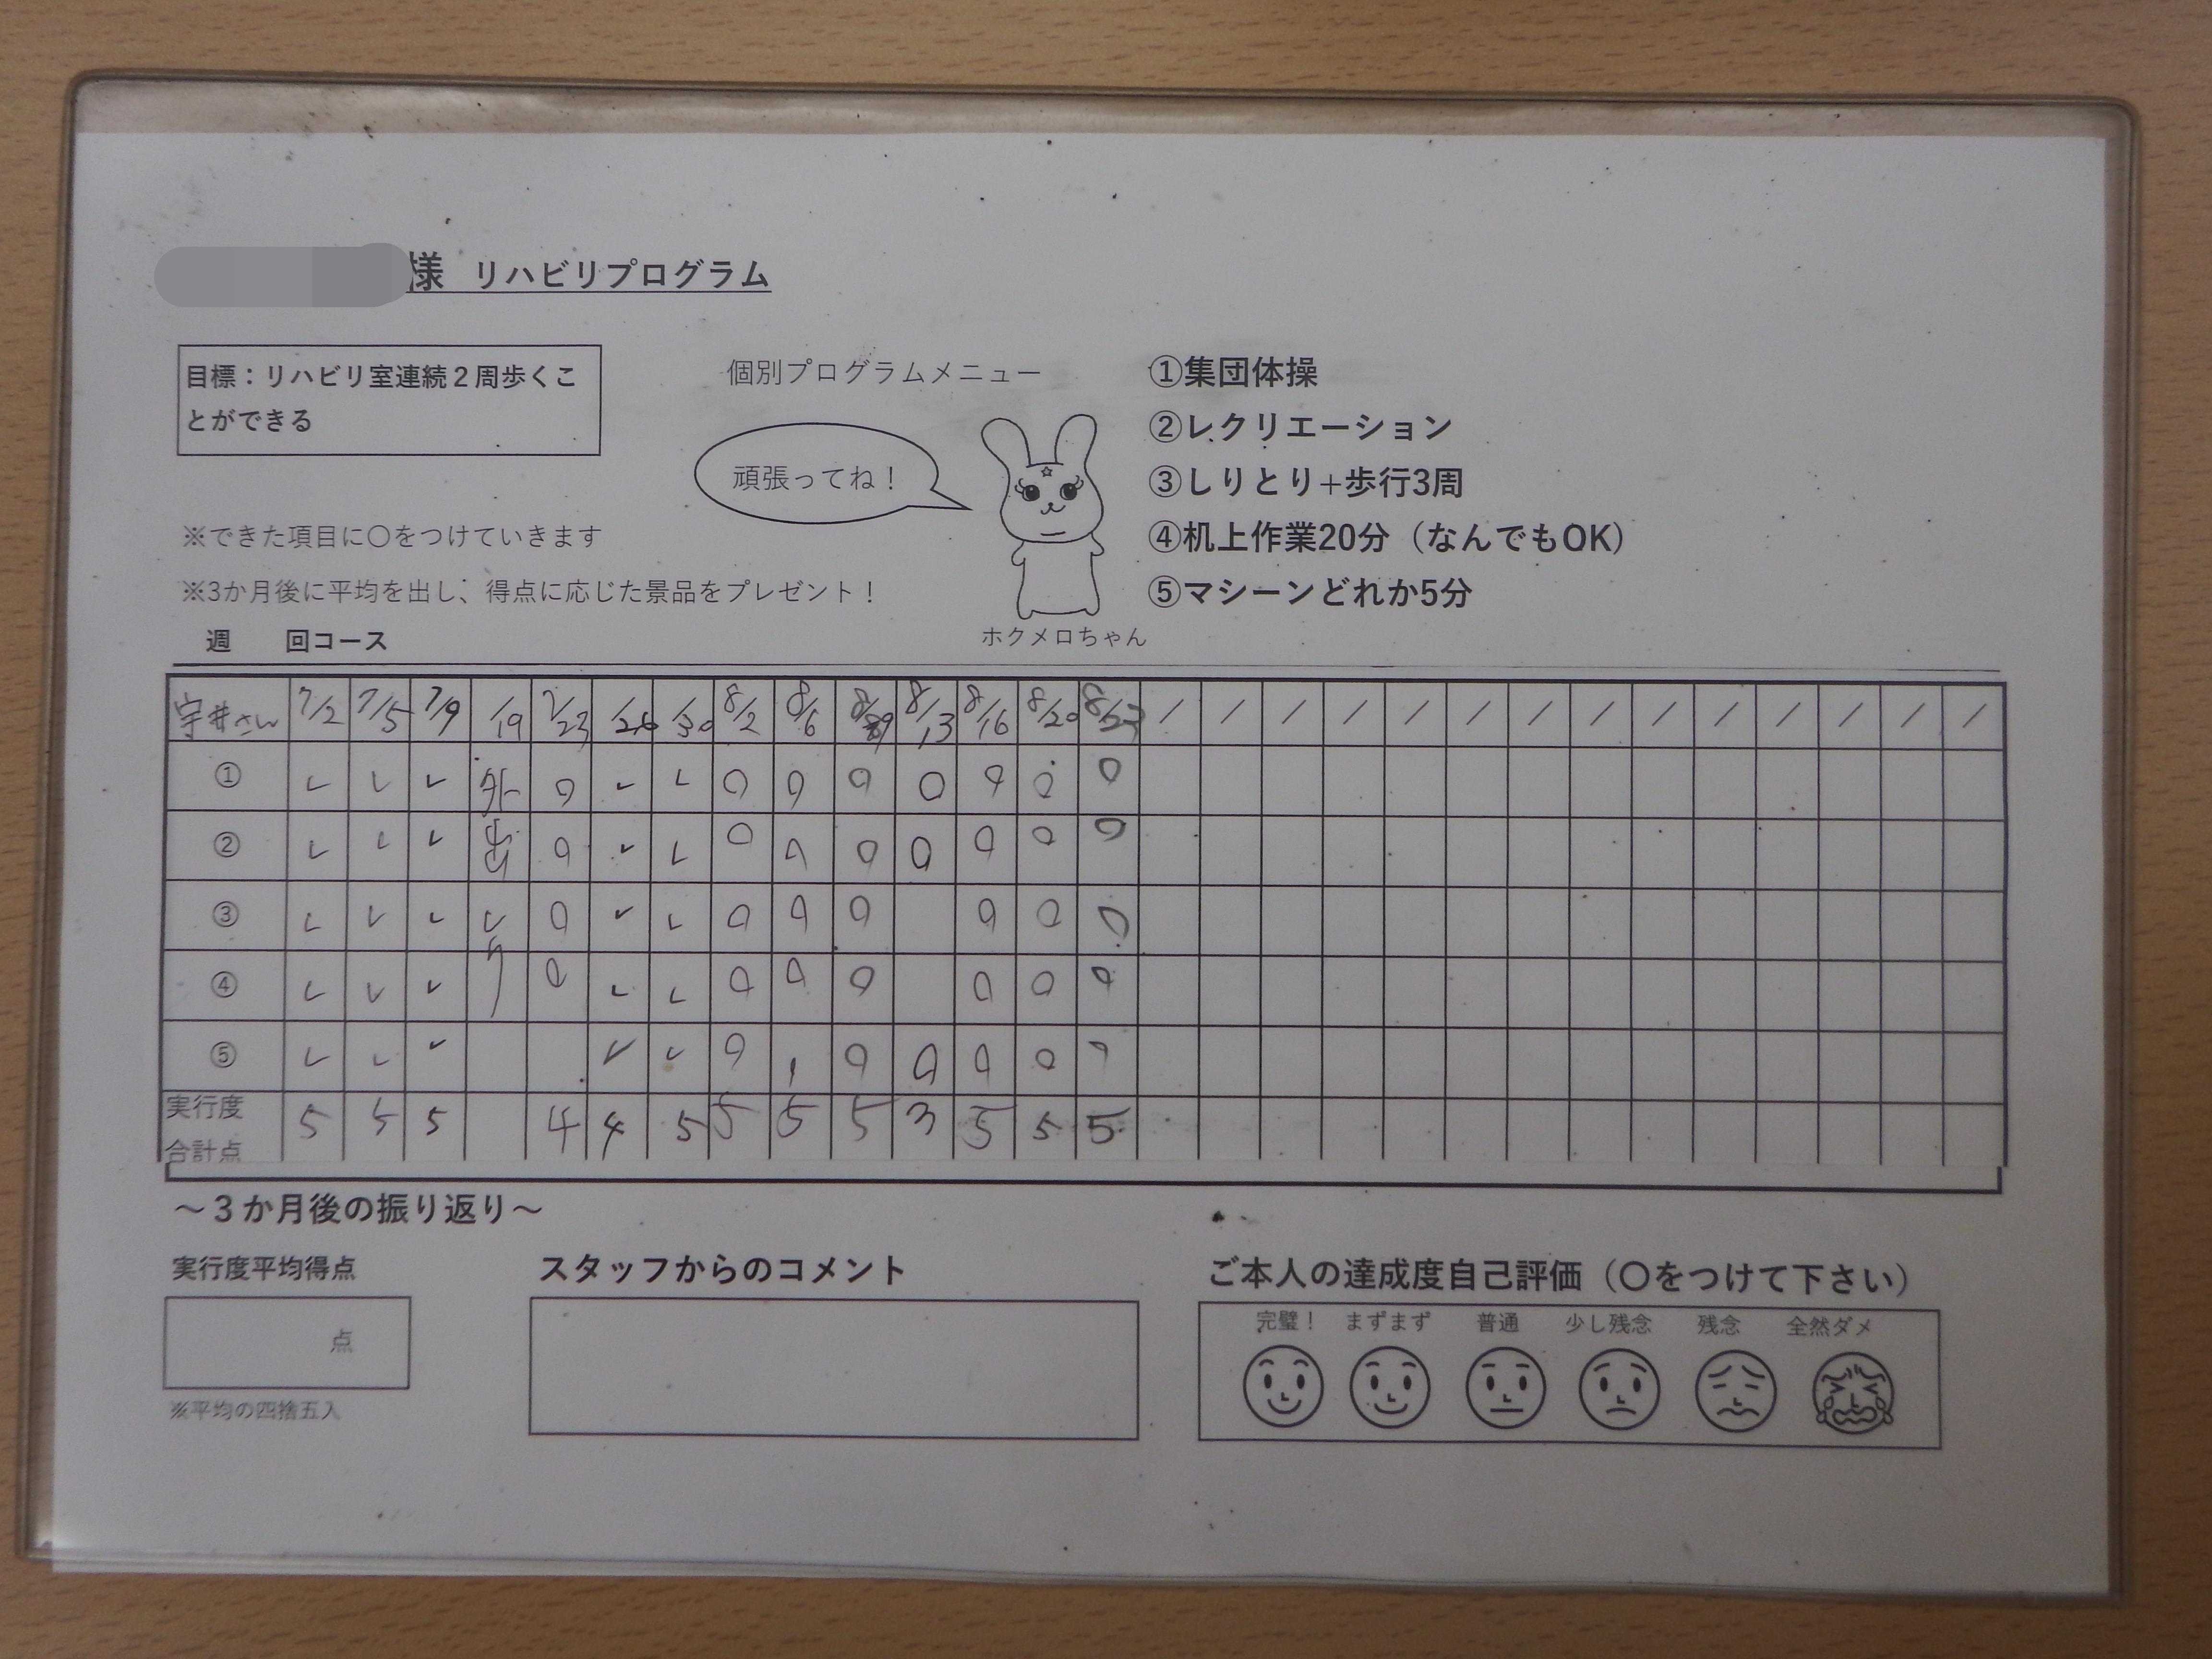 ポイント表.JPG